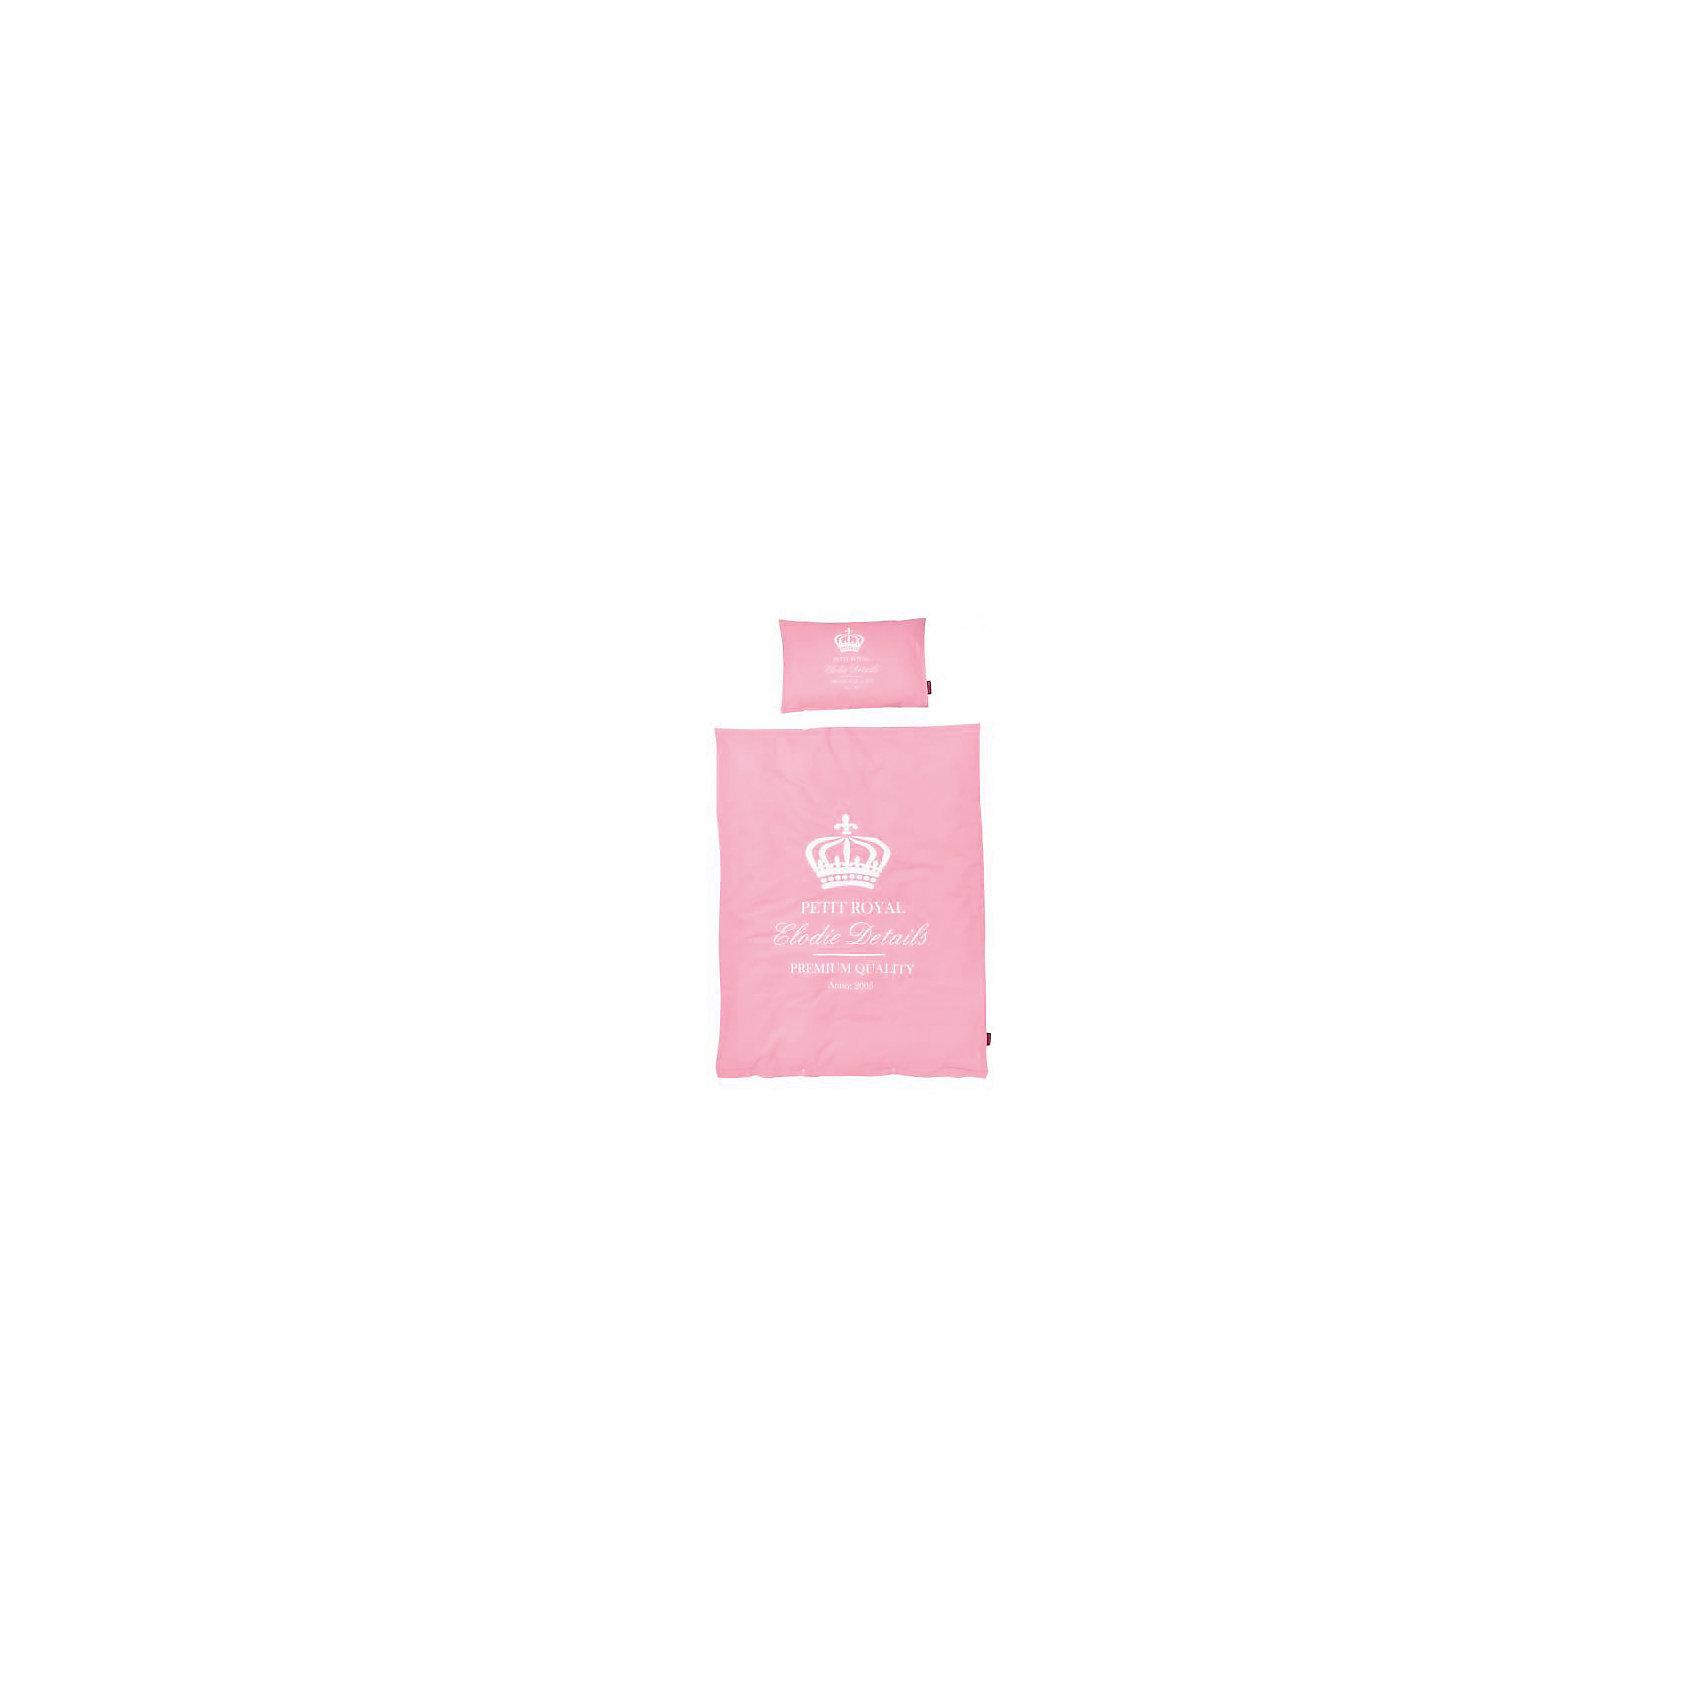 Постельное белье Petit Royal Pink 2 пред., Elodie Details, розовыйКомплект (наволочка + пододеяльник) Petit Royal Pink 103831 – для маленьких принцесс.  Выбирая этот комплект, вы можете быть уверены, что он сделан из 100% хлопка. Этот материал не вызывает аллергии. Комплект отлично пропускает воздух, не давая коже малыша становиться влажной. Нежная расцветка и стильный дизайн – порадуют маму и малыша. Данный комплект можно стирать в стиральной машине, не боясь, что он потеряет хороший внешний вид. <br><br>Дополнительная информация:<br><br>- В комплекте: наволочка и пододеяльник<br>- Размер наволочки: 35Х55<br>- Размер пододеяльника: 100Х130<br>- Материал: 100% хлопок<br>- Вес: 558гр<br><br>Комплект (наволочка + пододеяльник) Petit Royal Pink 103831 можно купить в нашем интернет-магазине.<br><br>Ширина мм: 390<br>Глубина мм: 270<br>Высота мм: 20<br>Вес г: 558<br>Возраст от месяцев: 0<br>Возраст до месяцев: 36<br>Пол: Женский<br>Возраст: Детский<br>SKU: 4887734